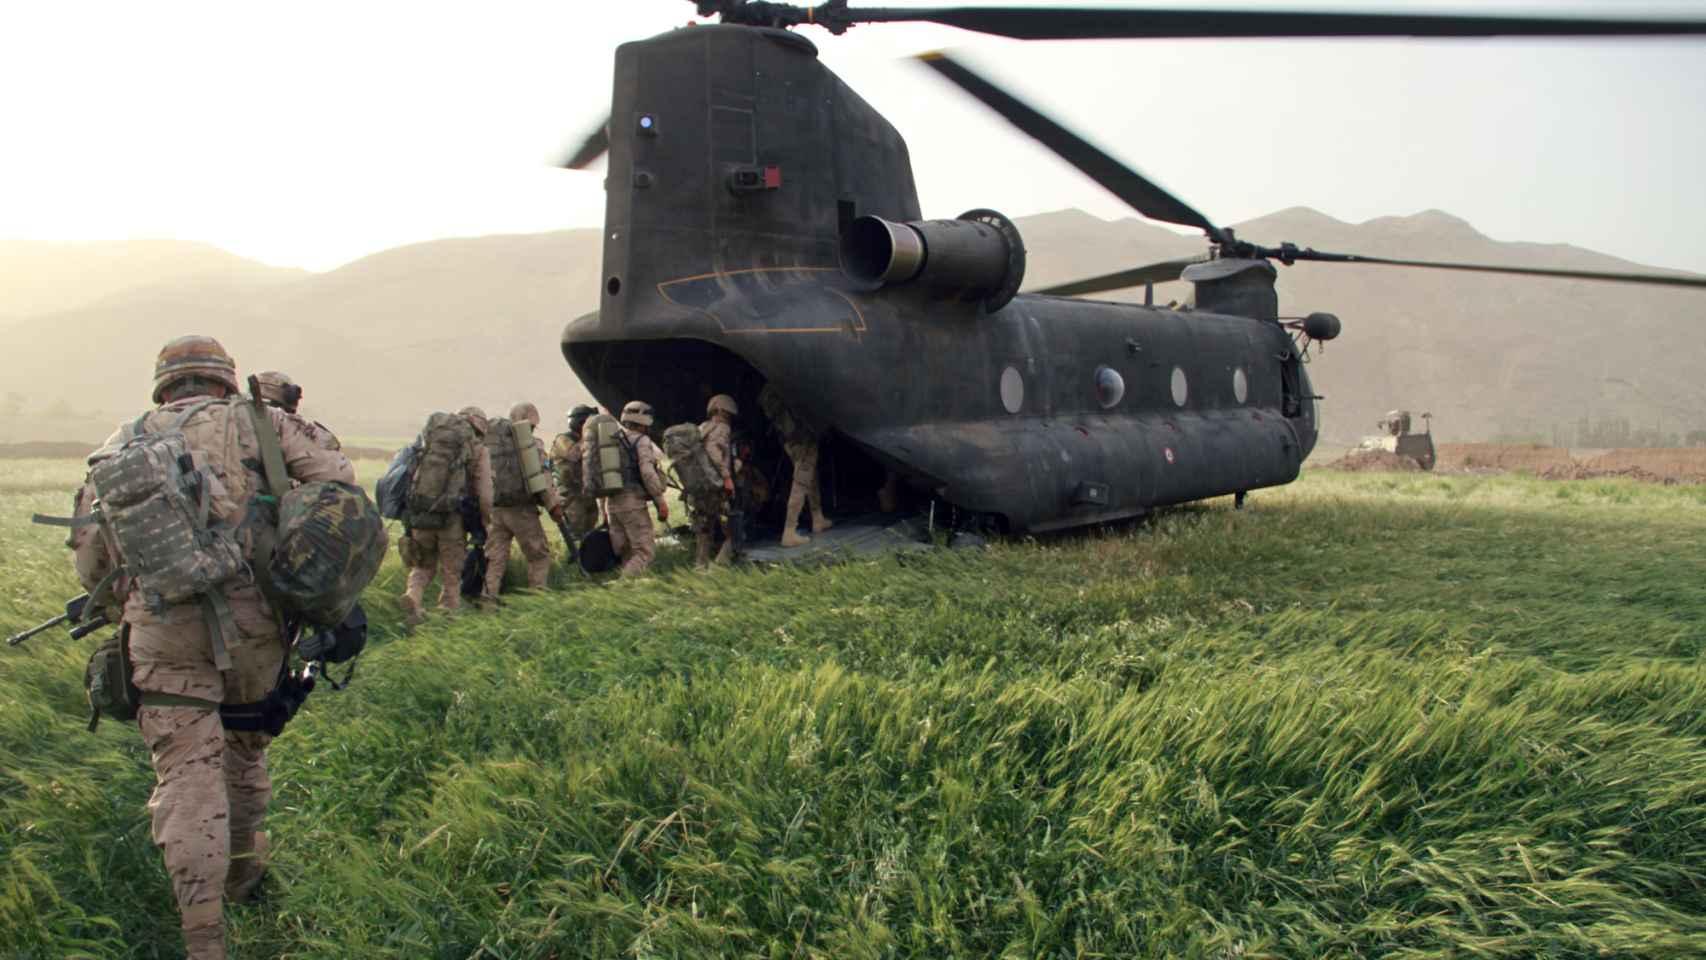 Efectivos españoles embarcan en un helicóptero en la base de Hernán Cortés, Afganistán.